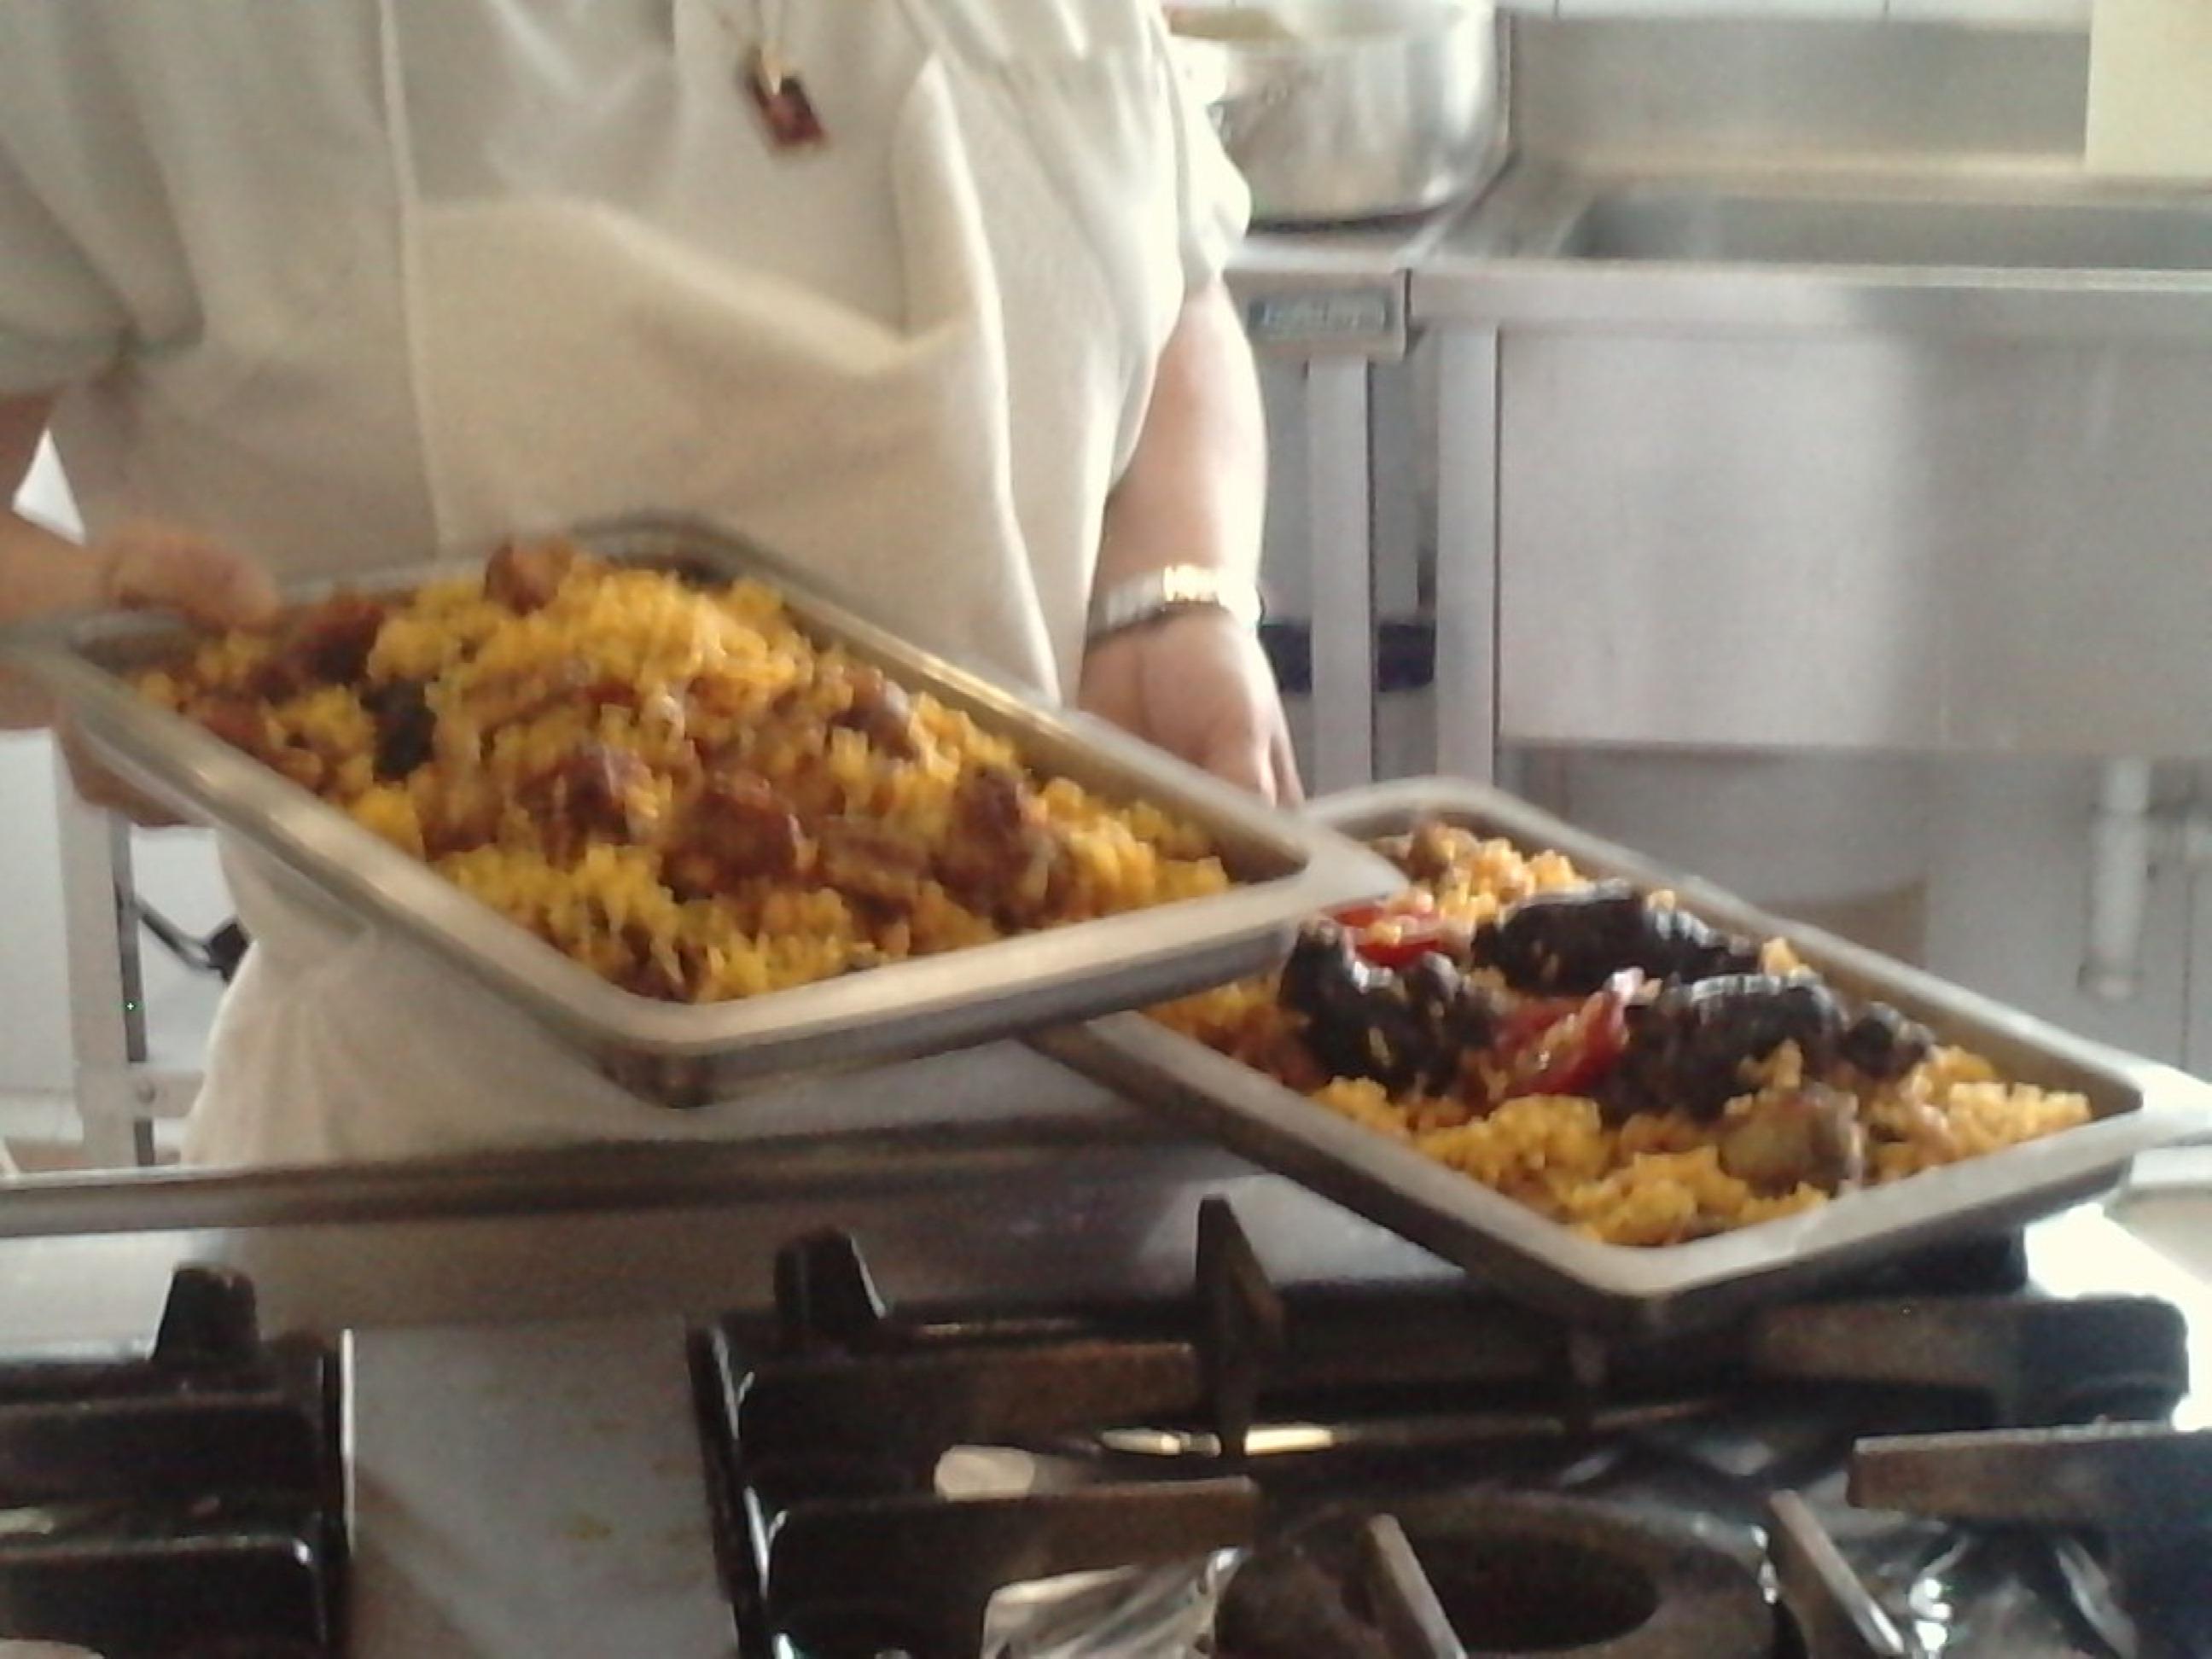 cocinas externas y catering a domicilio sain servicios